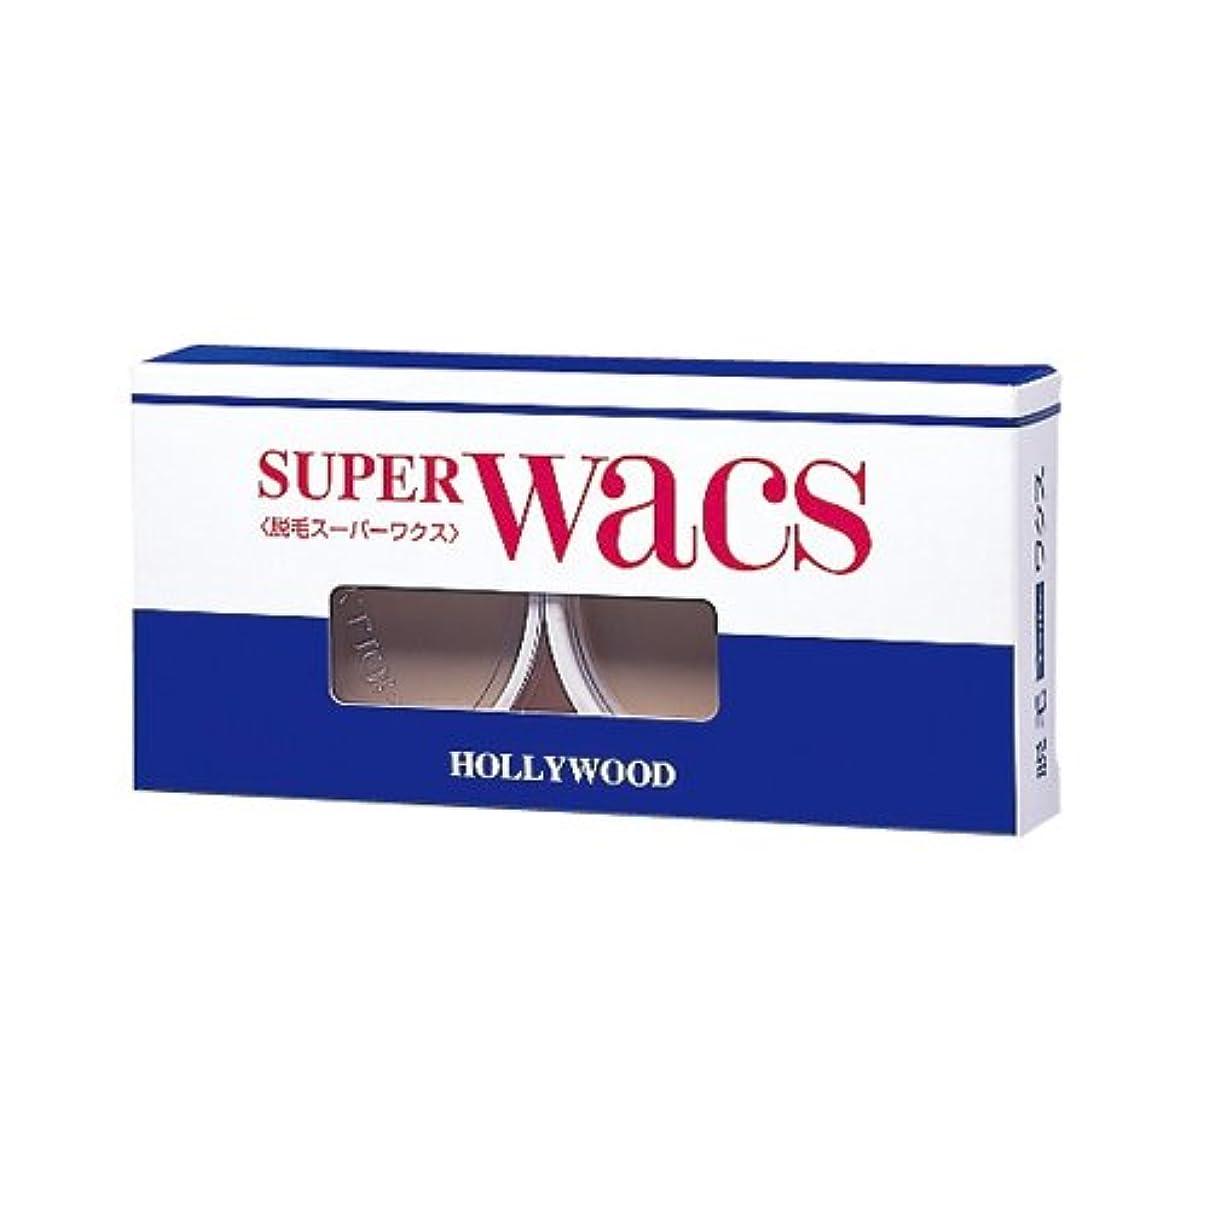 赤外線局ラッドヤードキップリングハリウッド 脱毛スーパーワクス (強力) (50g × 2)